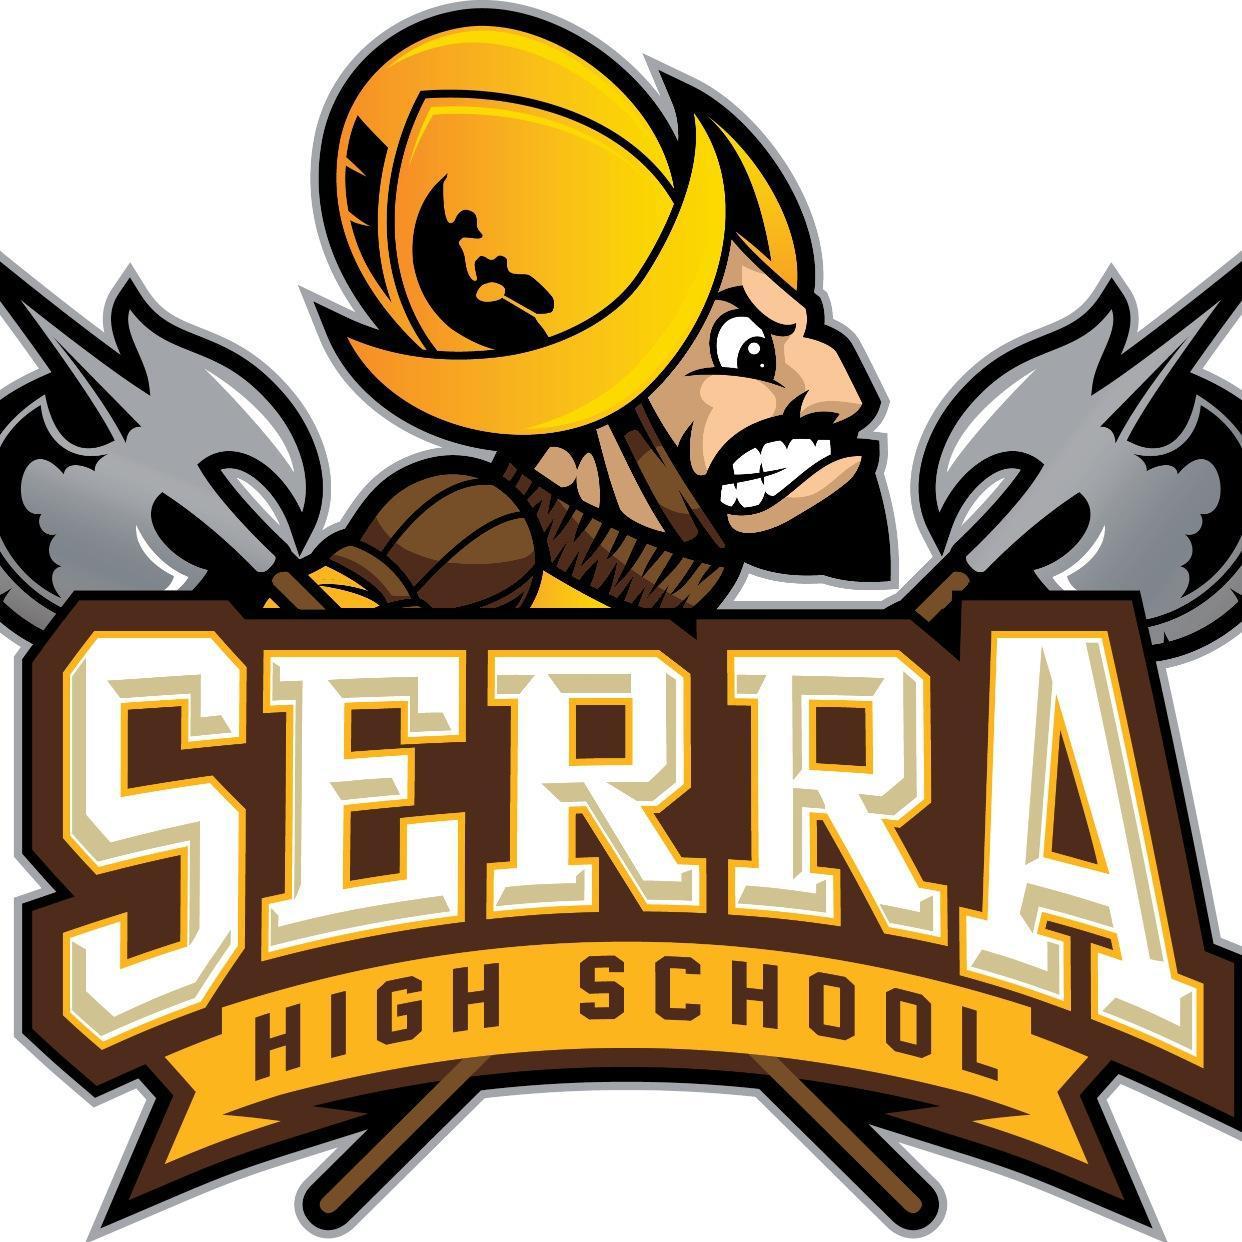 Serra High School (Away)